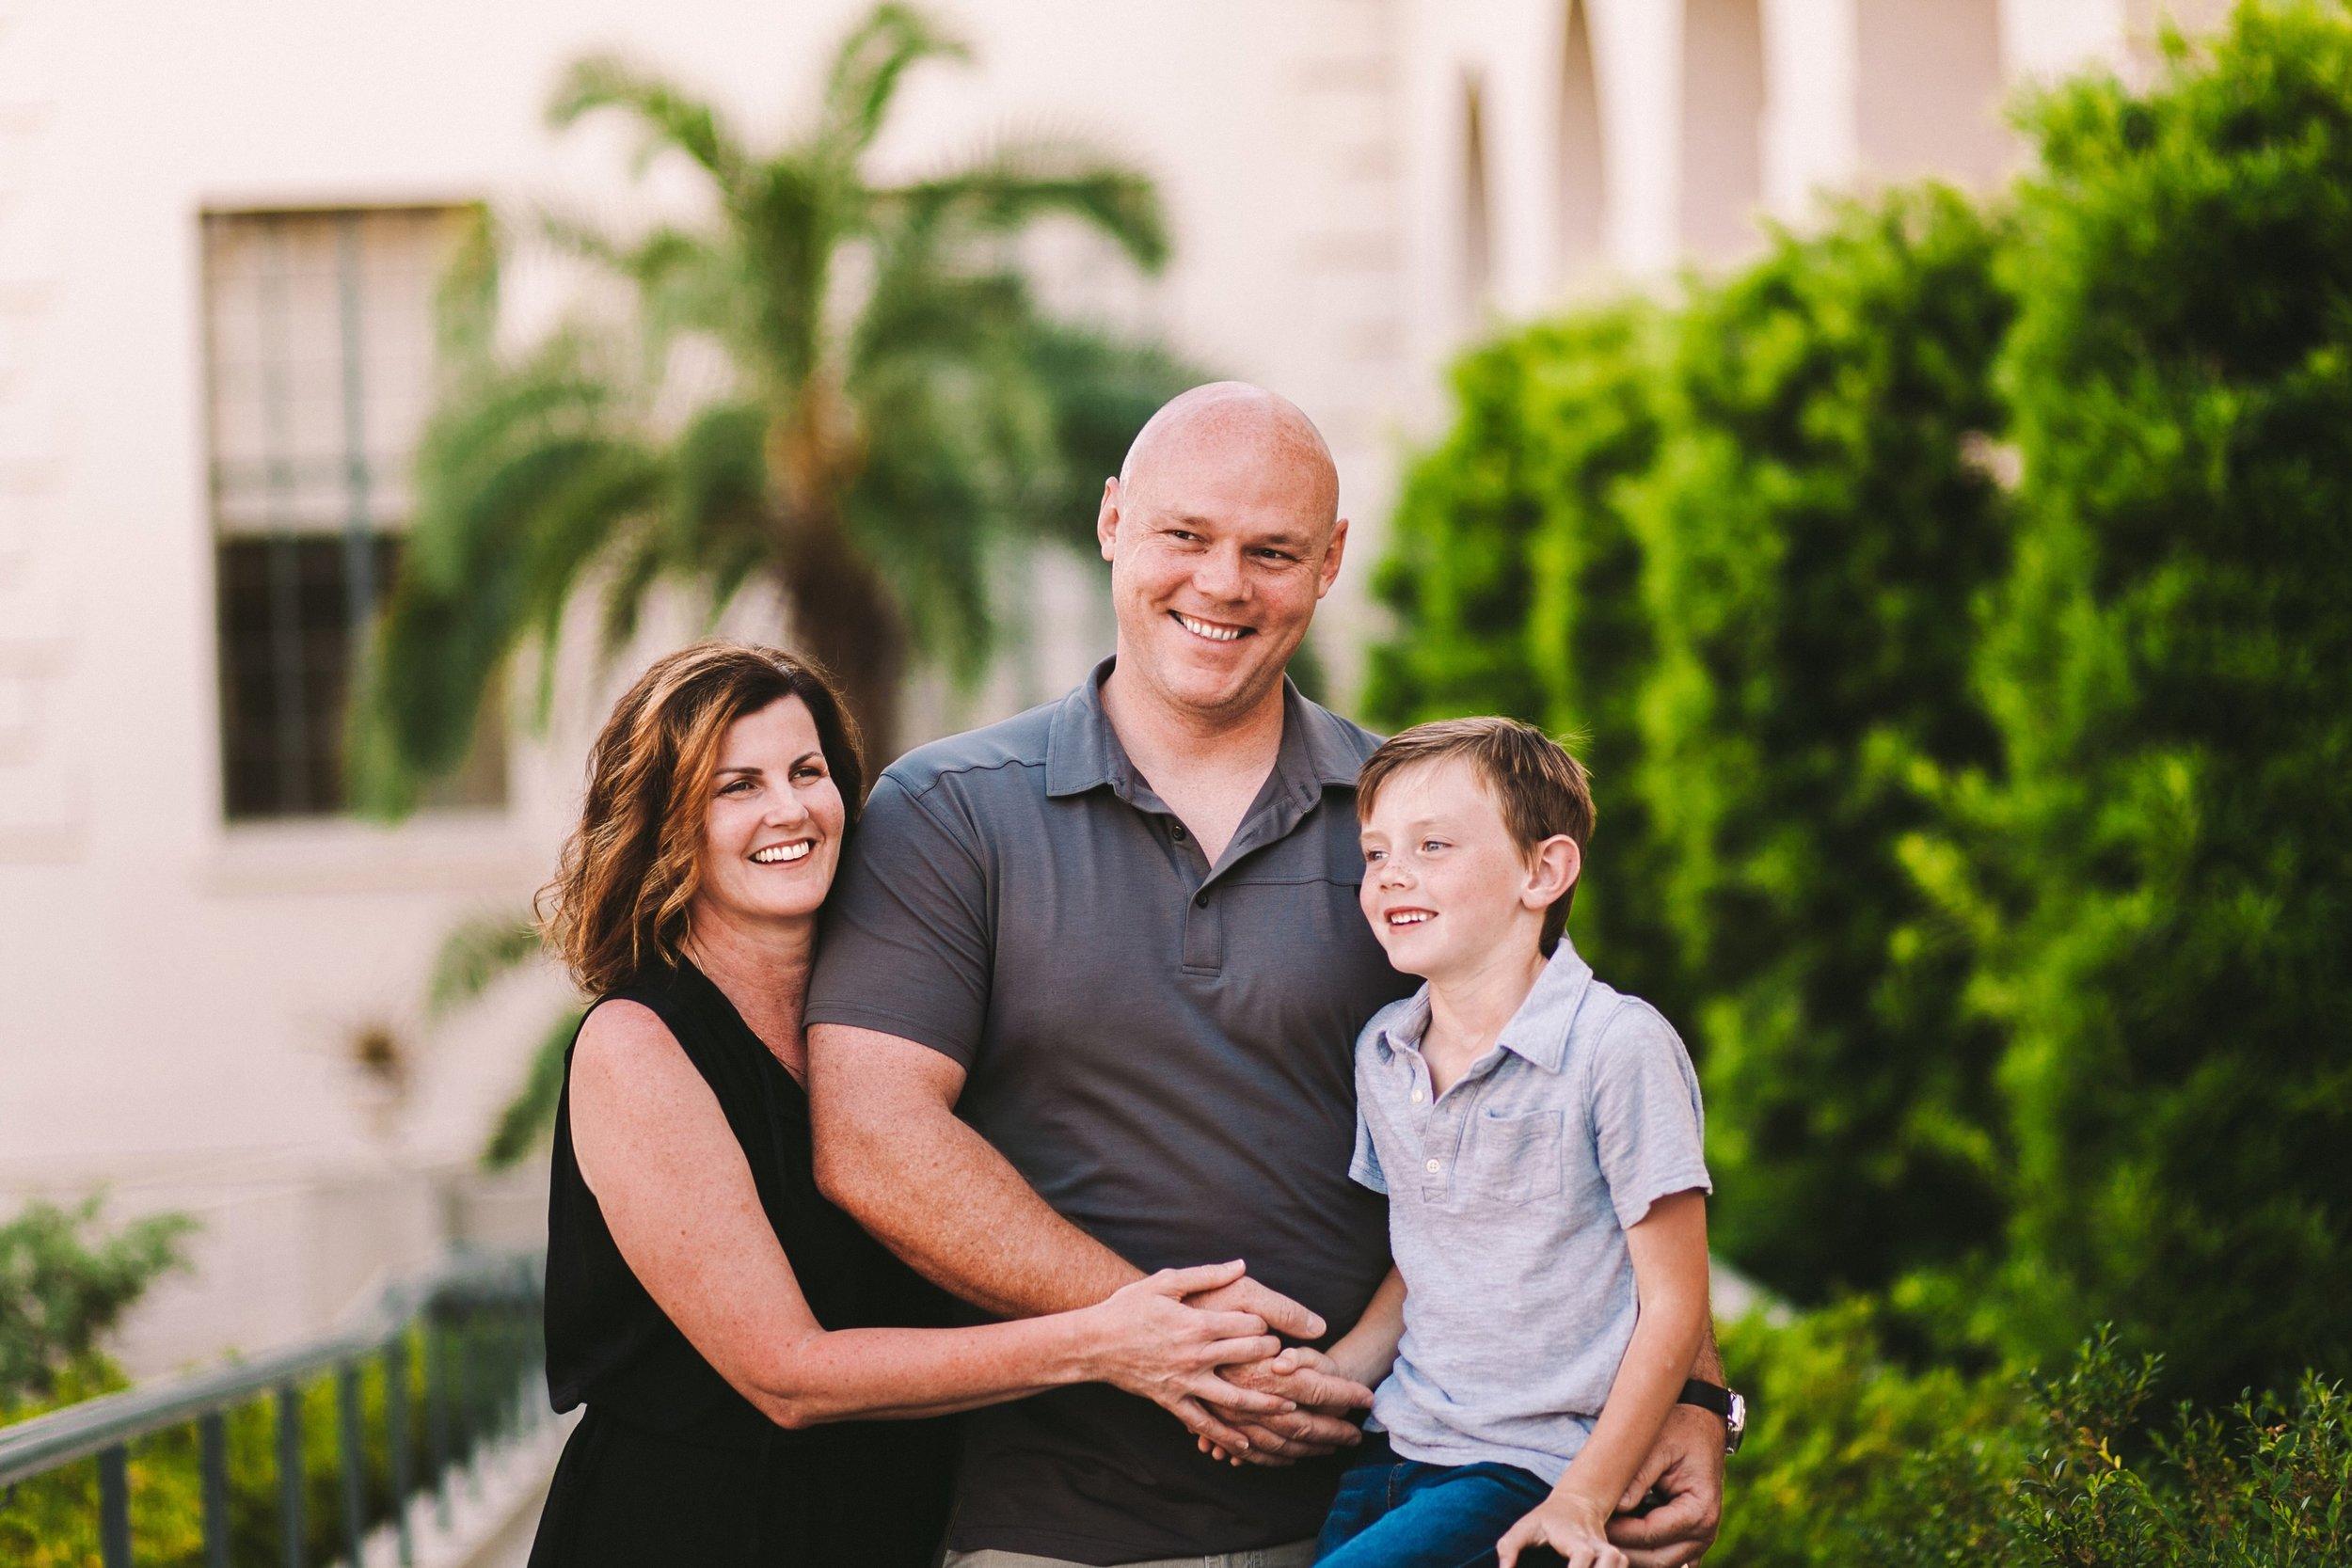 Pasadena City Hall Family Photography Session 13.jpg